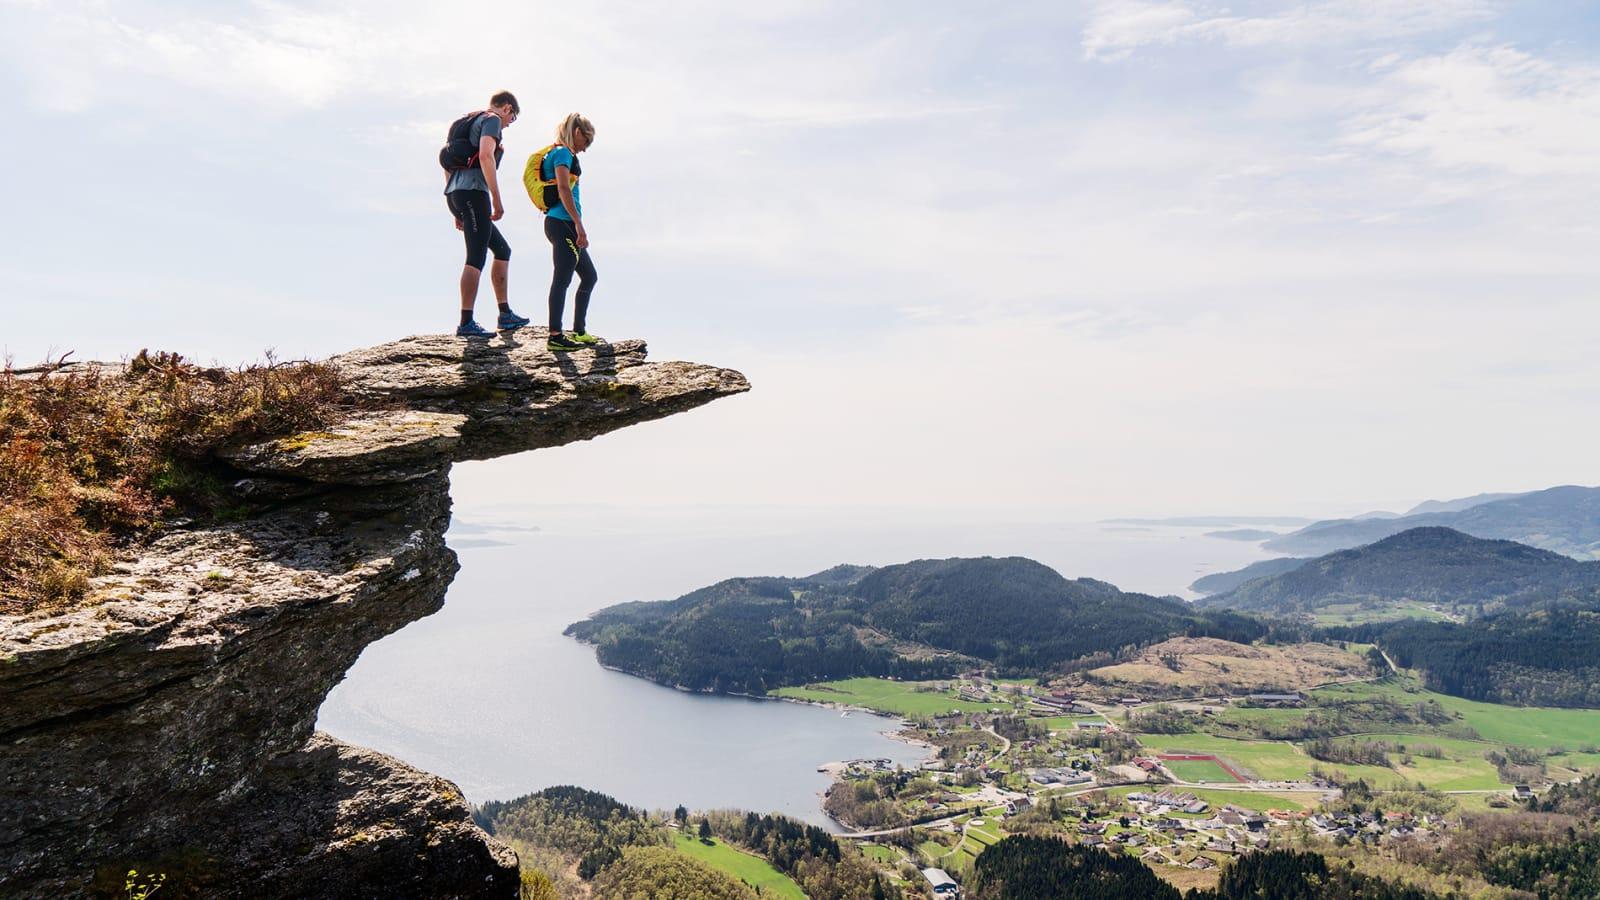 LETT-TJENT: I løpet av en halvtimes løpetur kan du stå på tippen av Himakånå og nyte en fantastisk utsikt med Nedstrandsfjorden og havet like bak. Bilde: Magnus Roaldset Furset